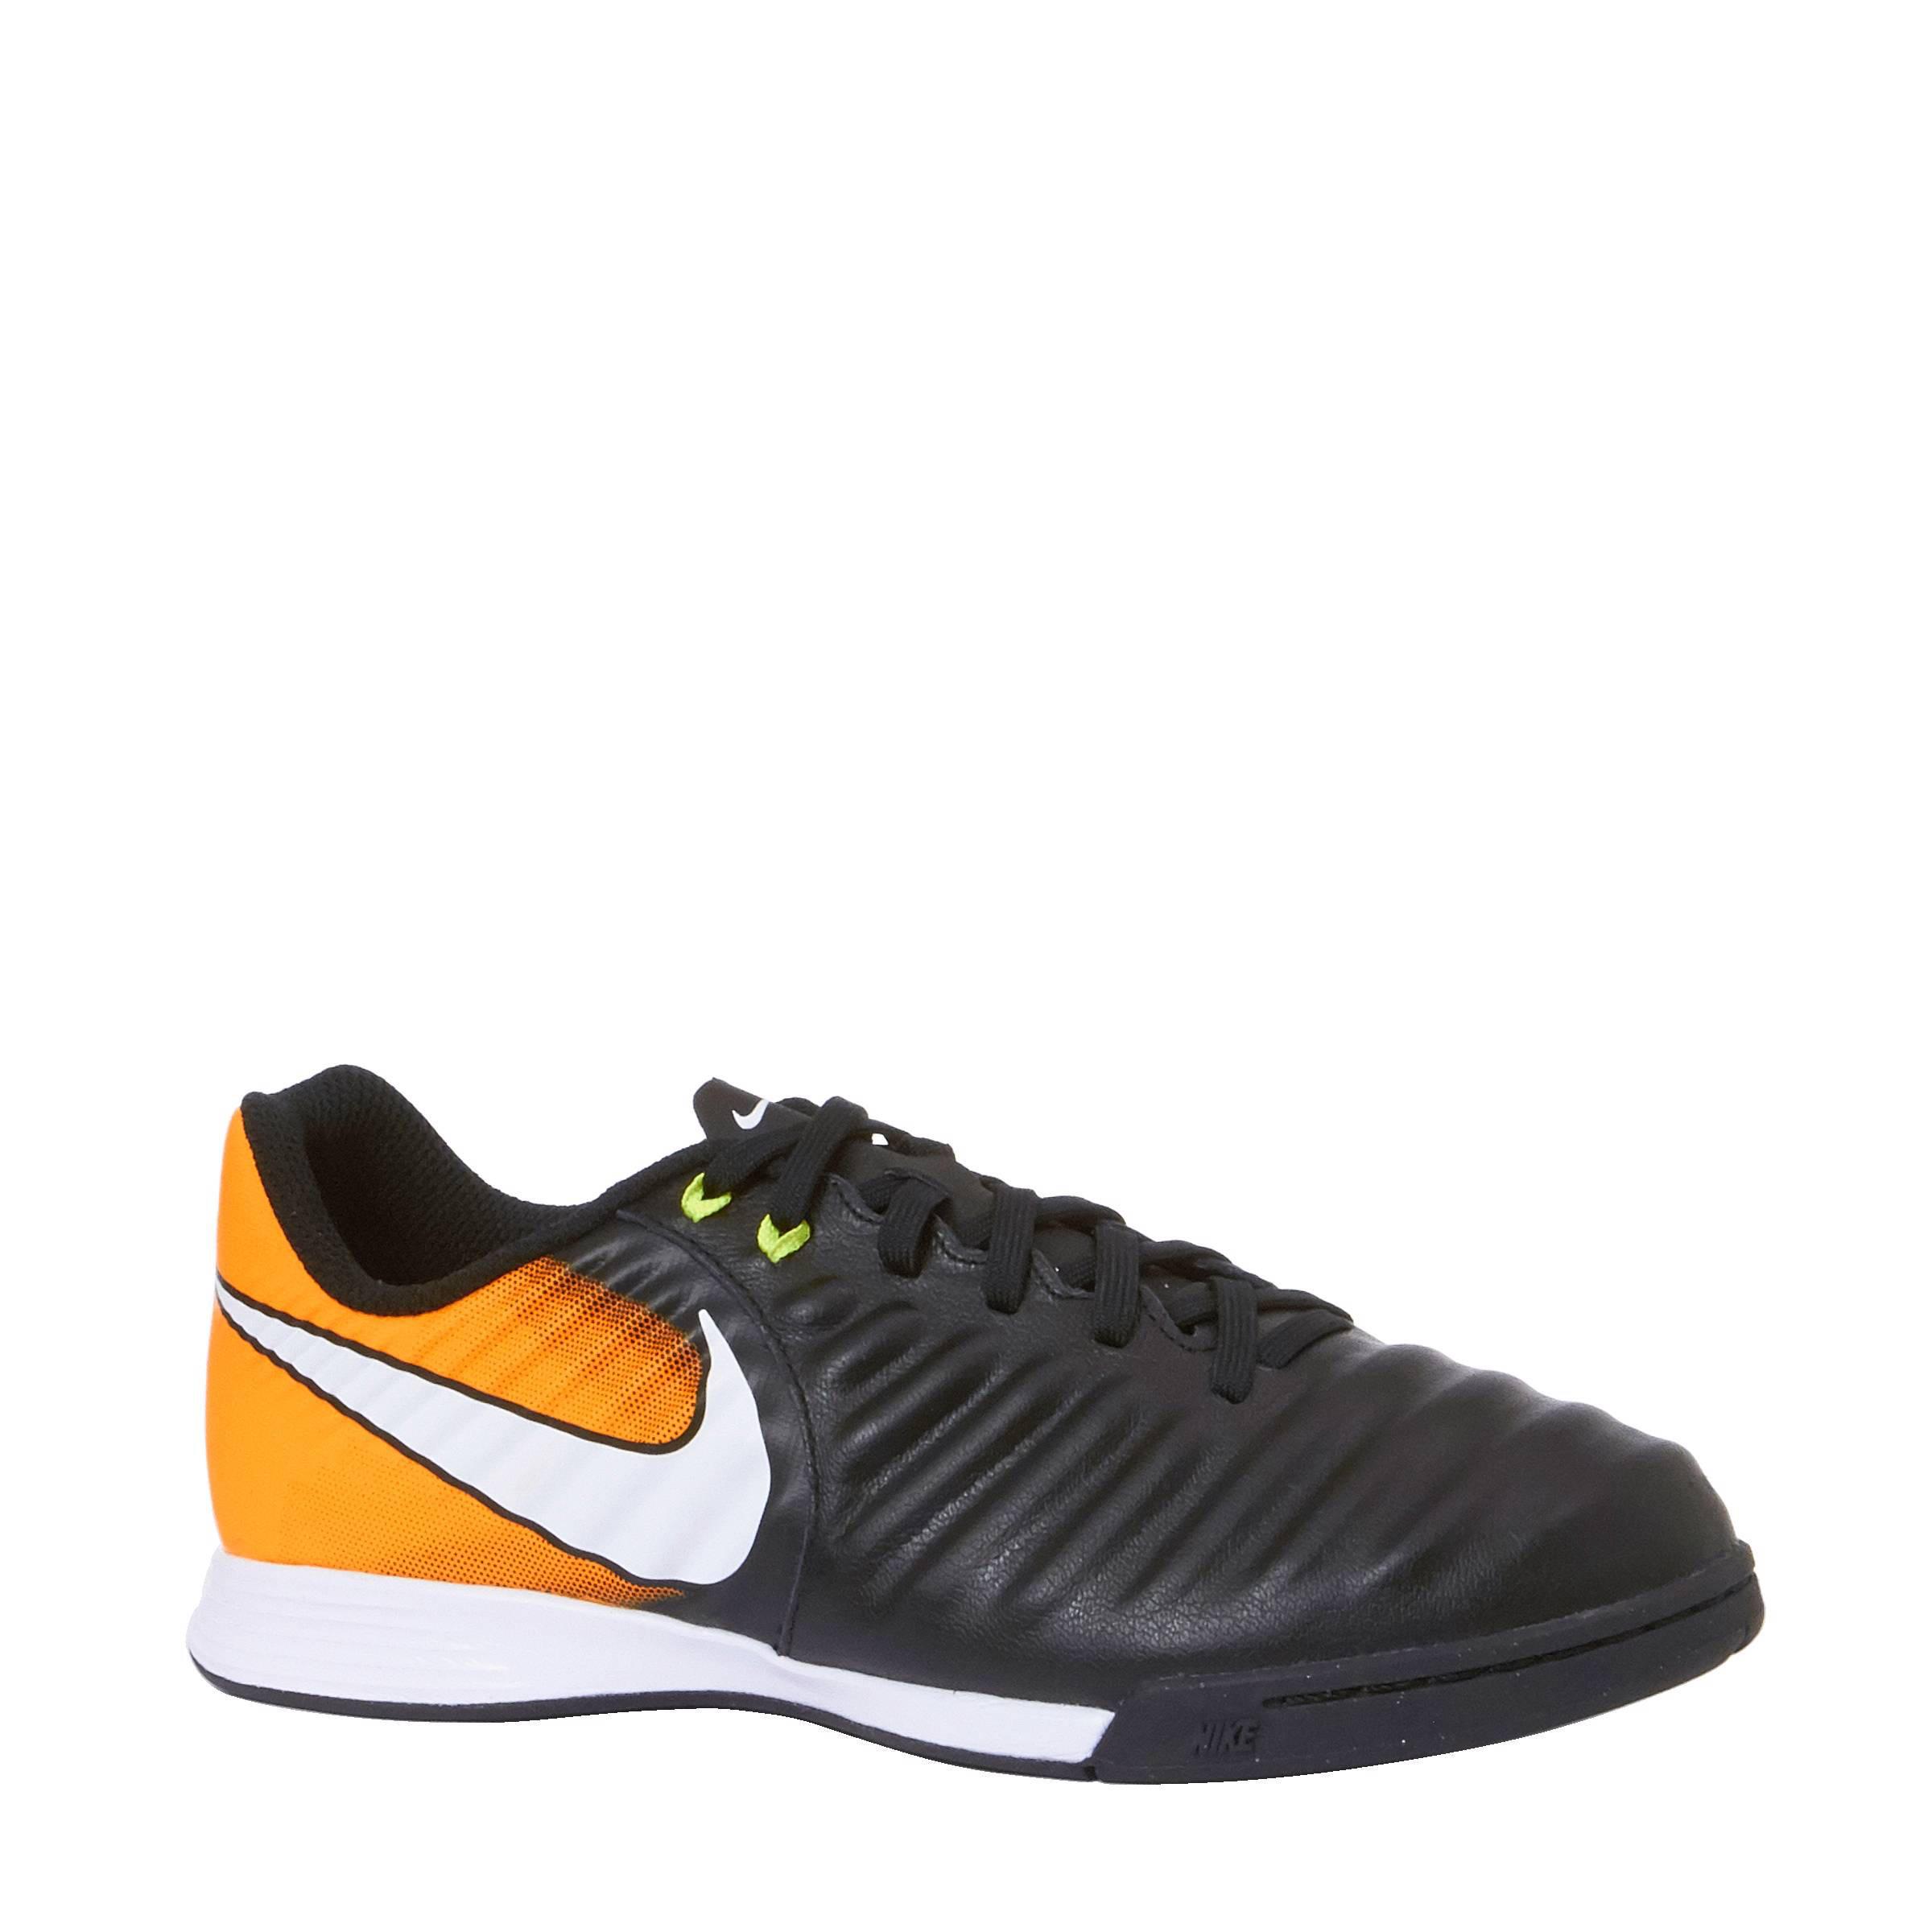 Nike TiempoX Ligera IV IC voetbalschoenen   wehkamp